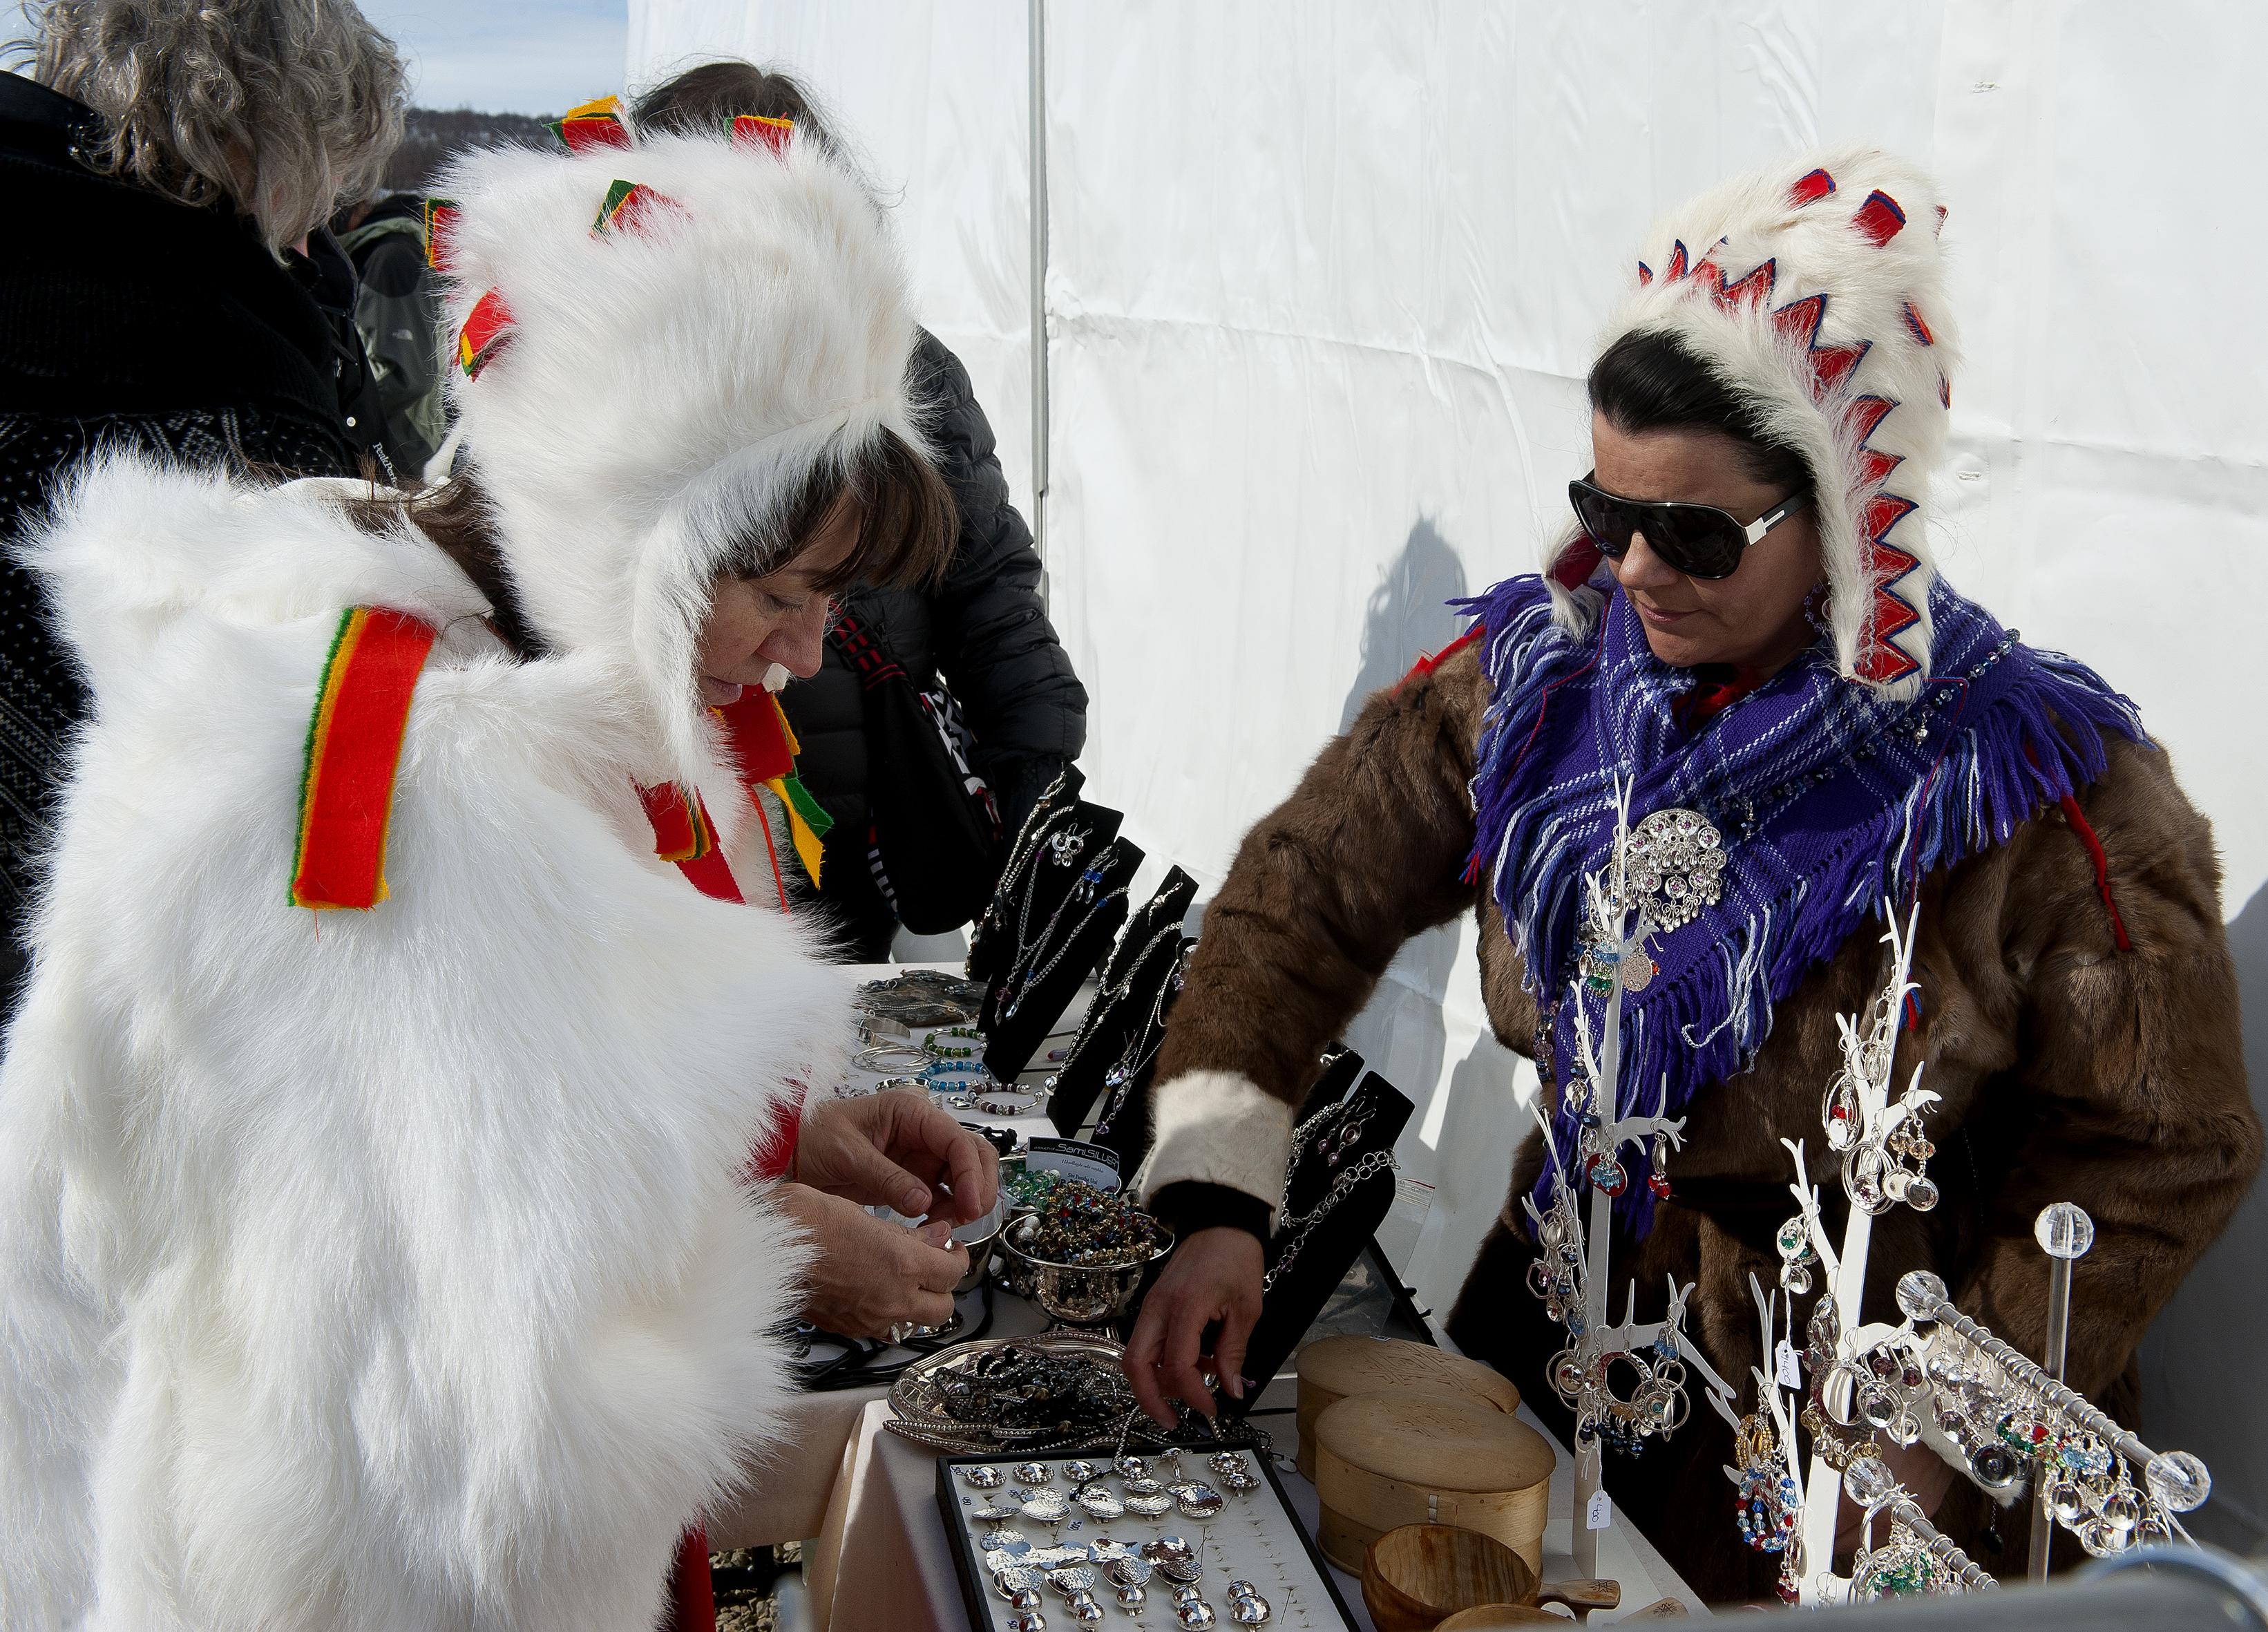 Der er også nogle boder med samiske smykker. Fredag aften var der joikkoncert, hvor der var samer fra både Norge, Sverige, Finland og Rusland. En spændende og anderledes koncert. Der var flere koncerter, men vi nåede kun de to samiske og derudover var der også filmfestival.  Lørdag var der en lille hyggelig koncert i Juhls sølvgalleri. Så var dagene efterhånden gået, og vi havde haft en fantastisk påske og oplevet samerne på en helt anden måde end når man møder dem ved sommerboderne. En tur der varmt kan anbefales.